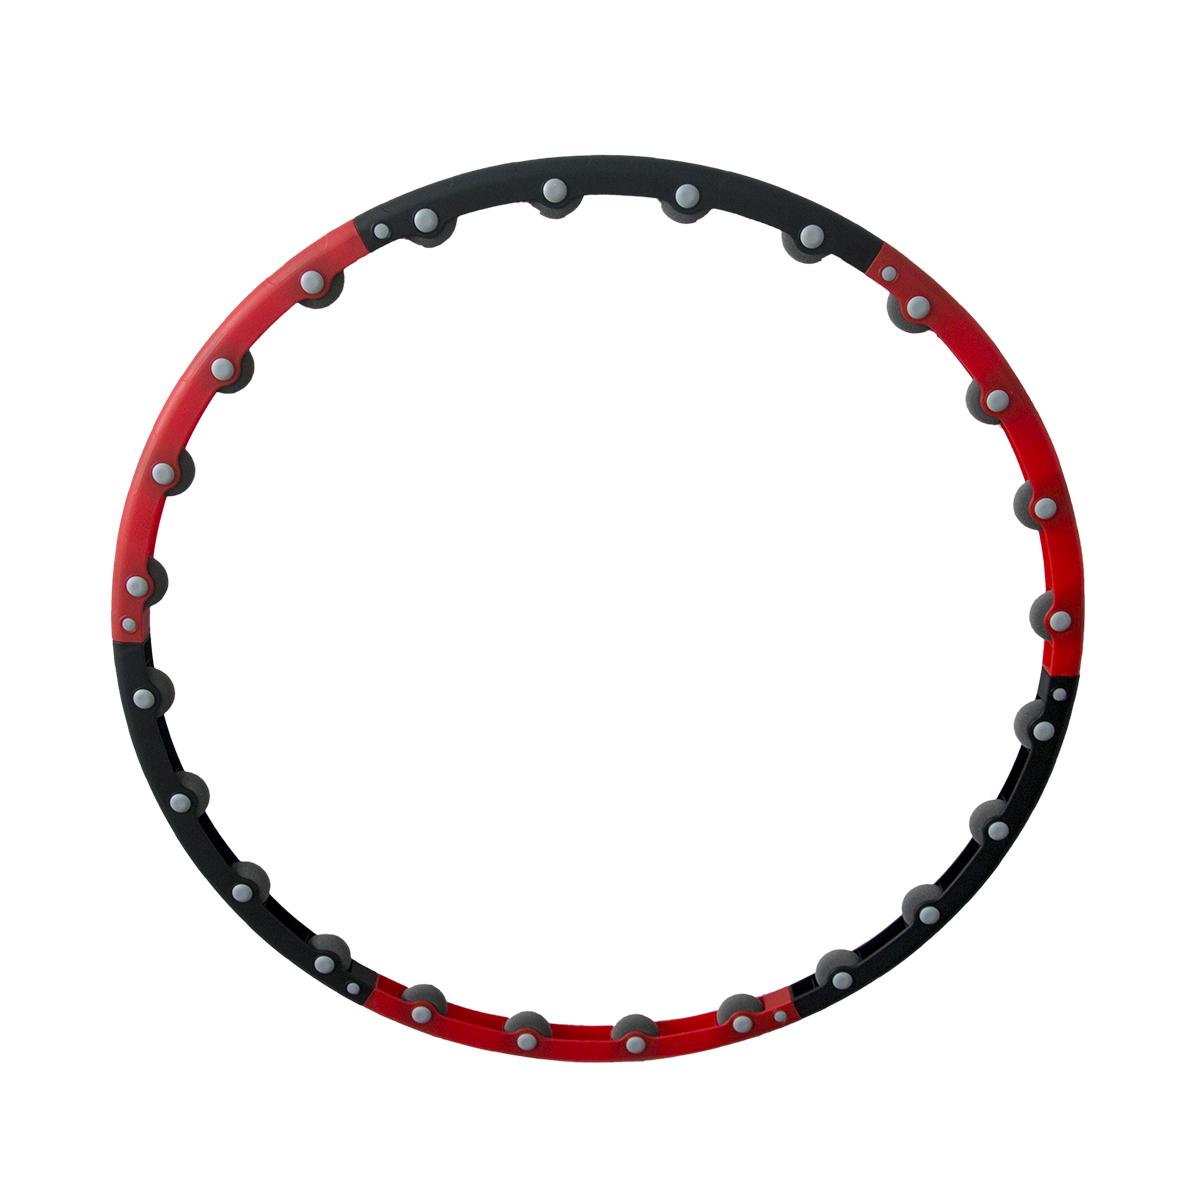 Kruh hula ring masage HR45 - 1,1 kg